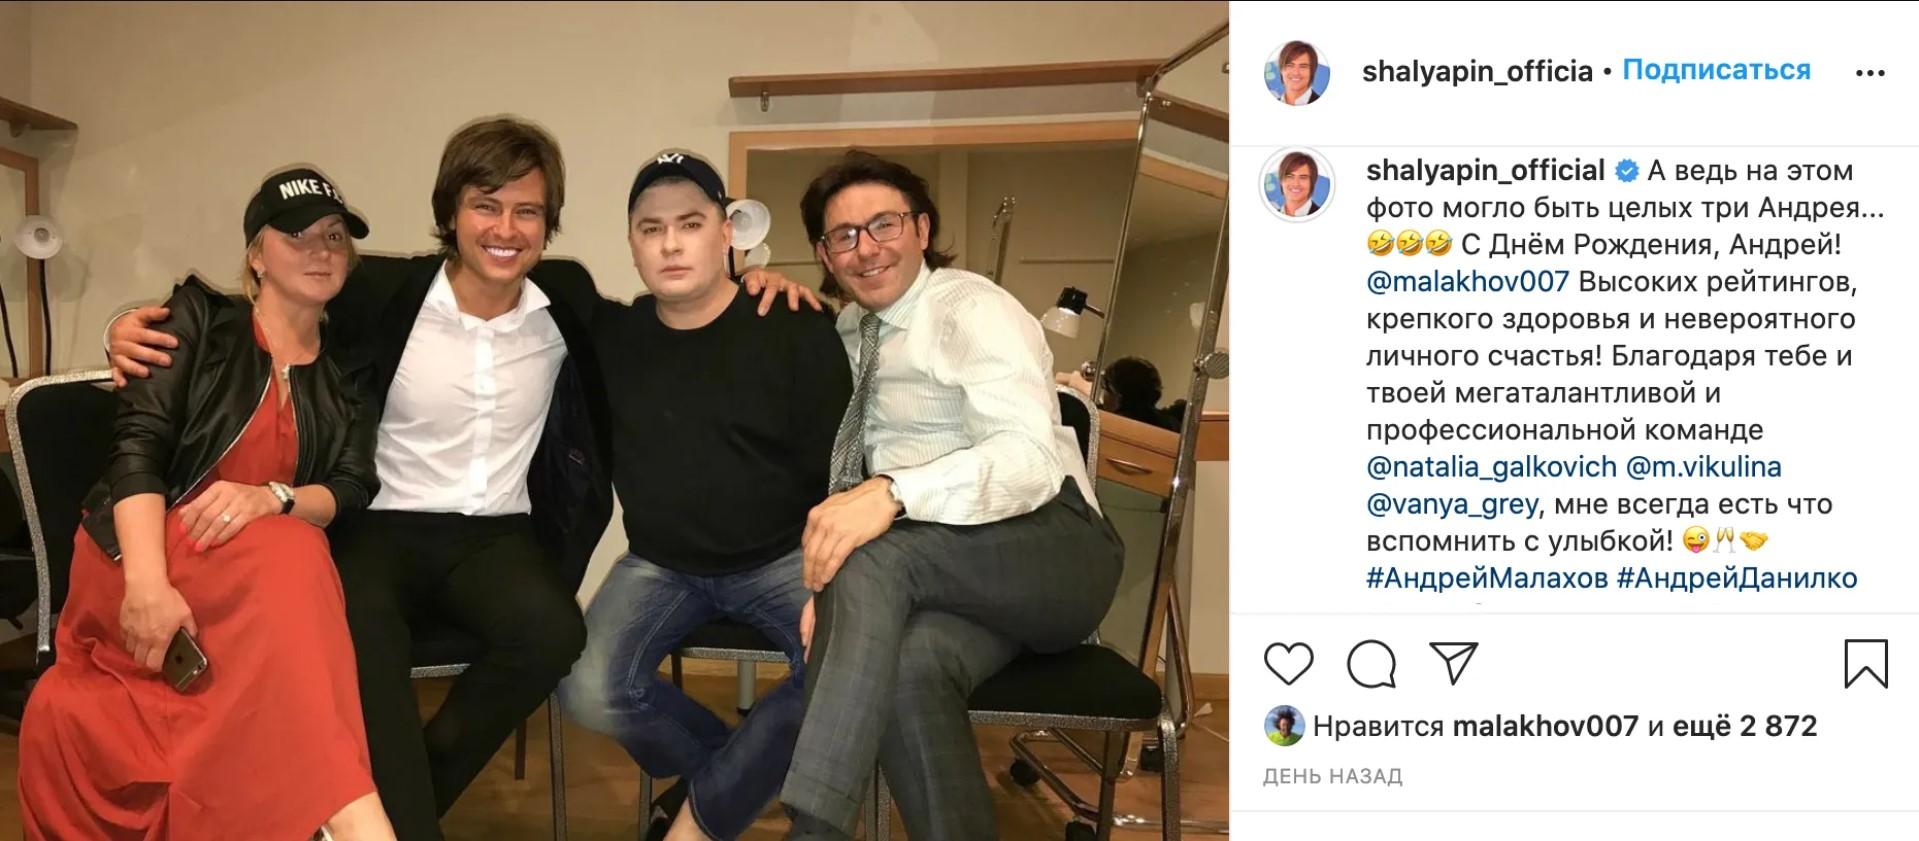 Поездка Данилко к Малахову в РФ оказалась фейком: артист прокомментировал инцидент - фото 2